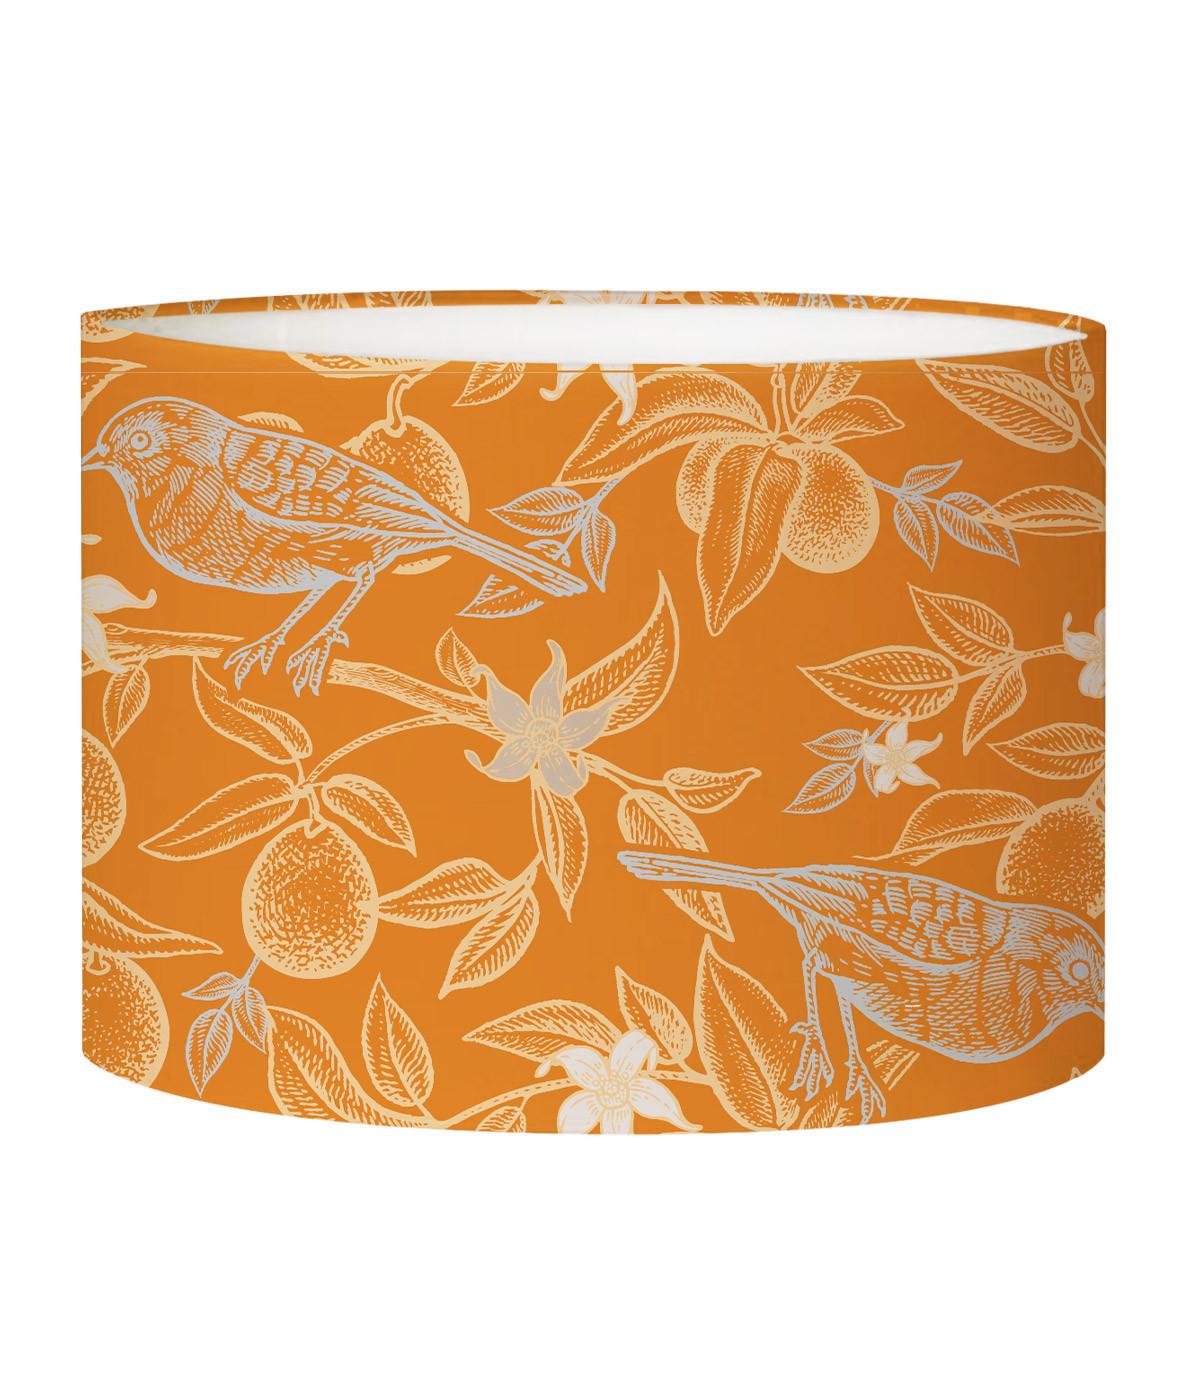 Abat-jour Lampadaire oiseau orange acidulé D 45 x H 25